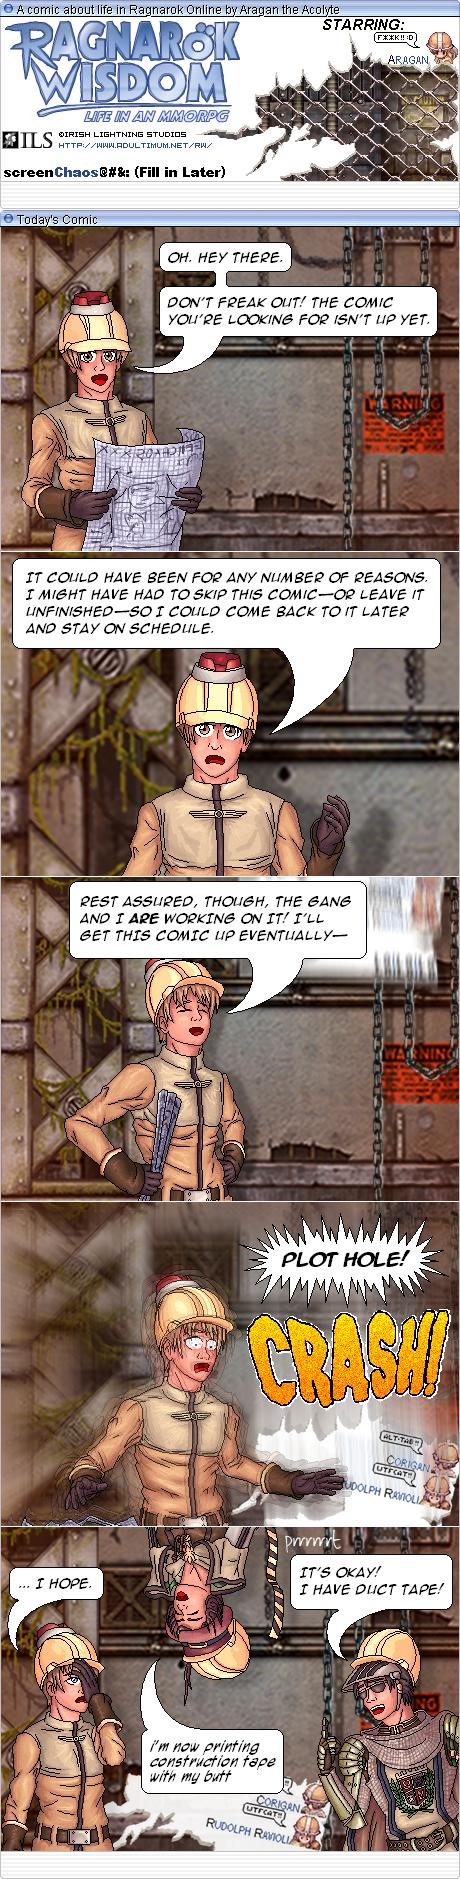 Comic #473